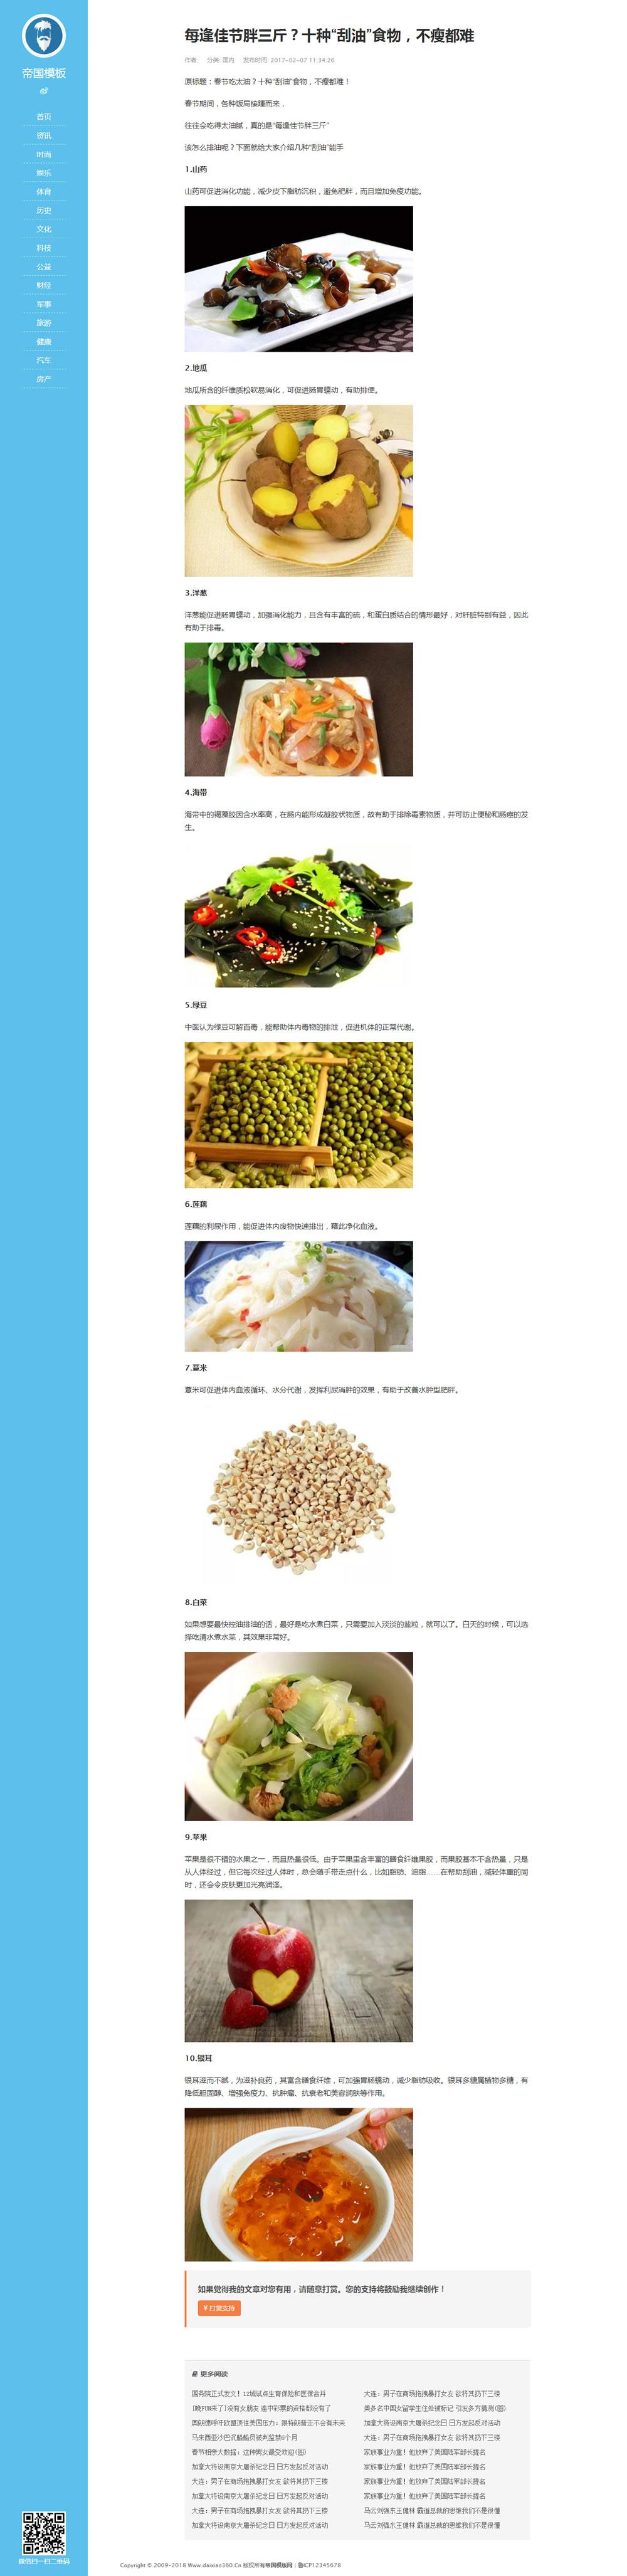 帝国cms全屏自适应手机版新闻文章资讯个人博客网站模板_内容页模板